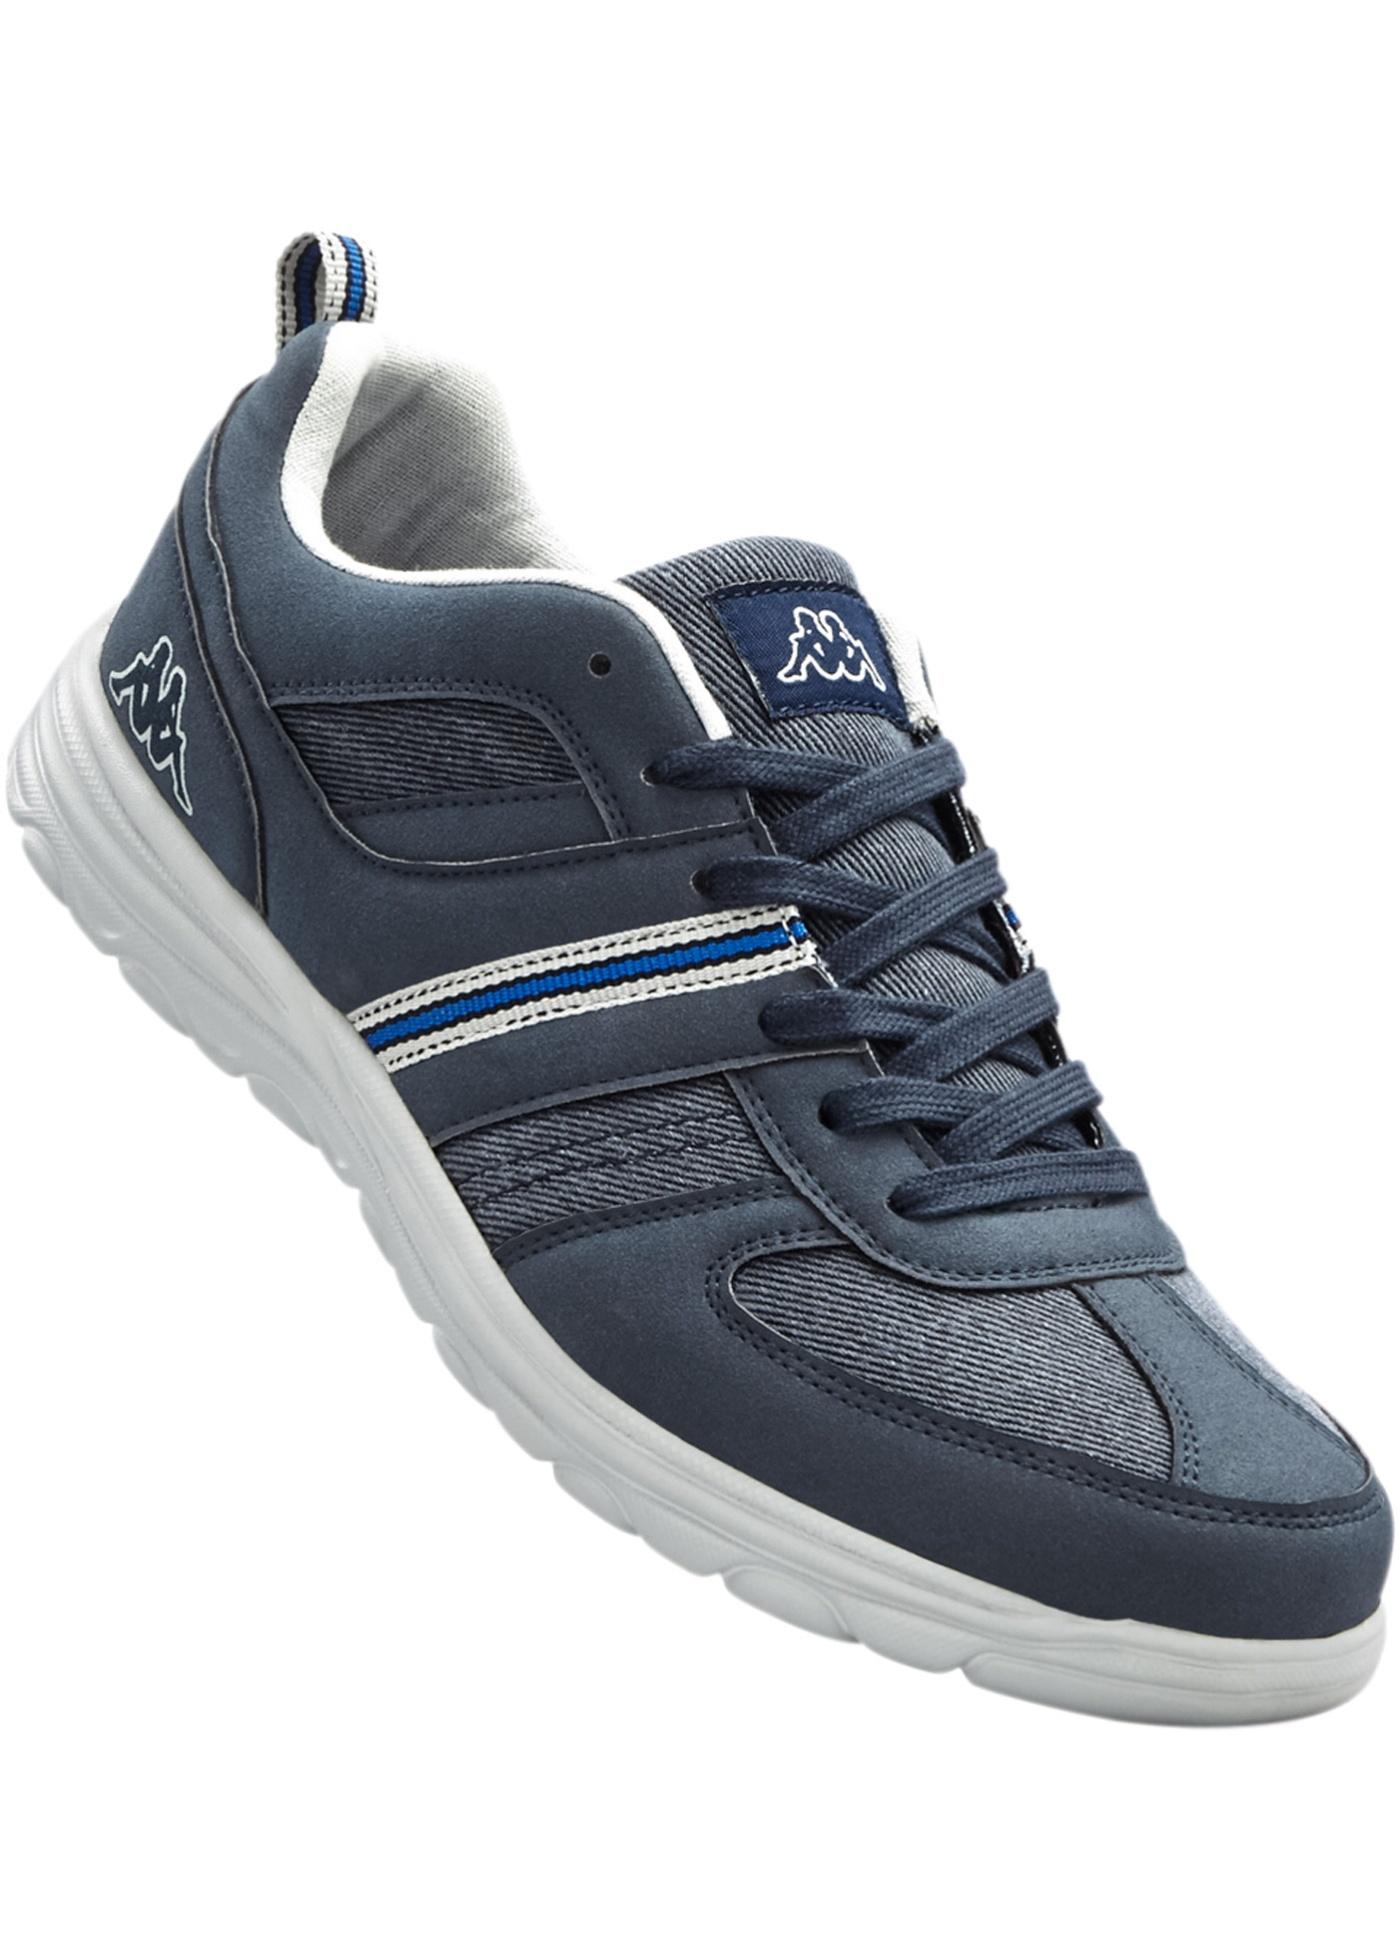 Sneaker Kappa  Blu  - Kap